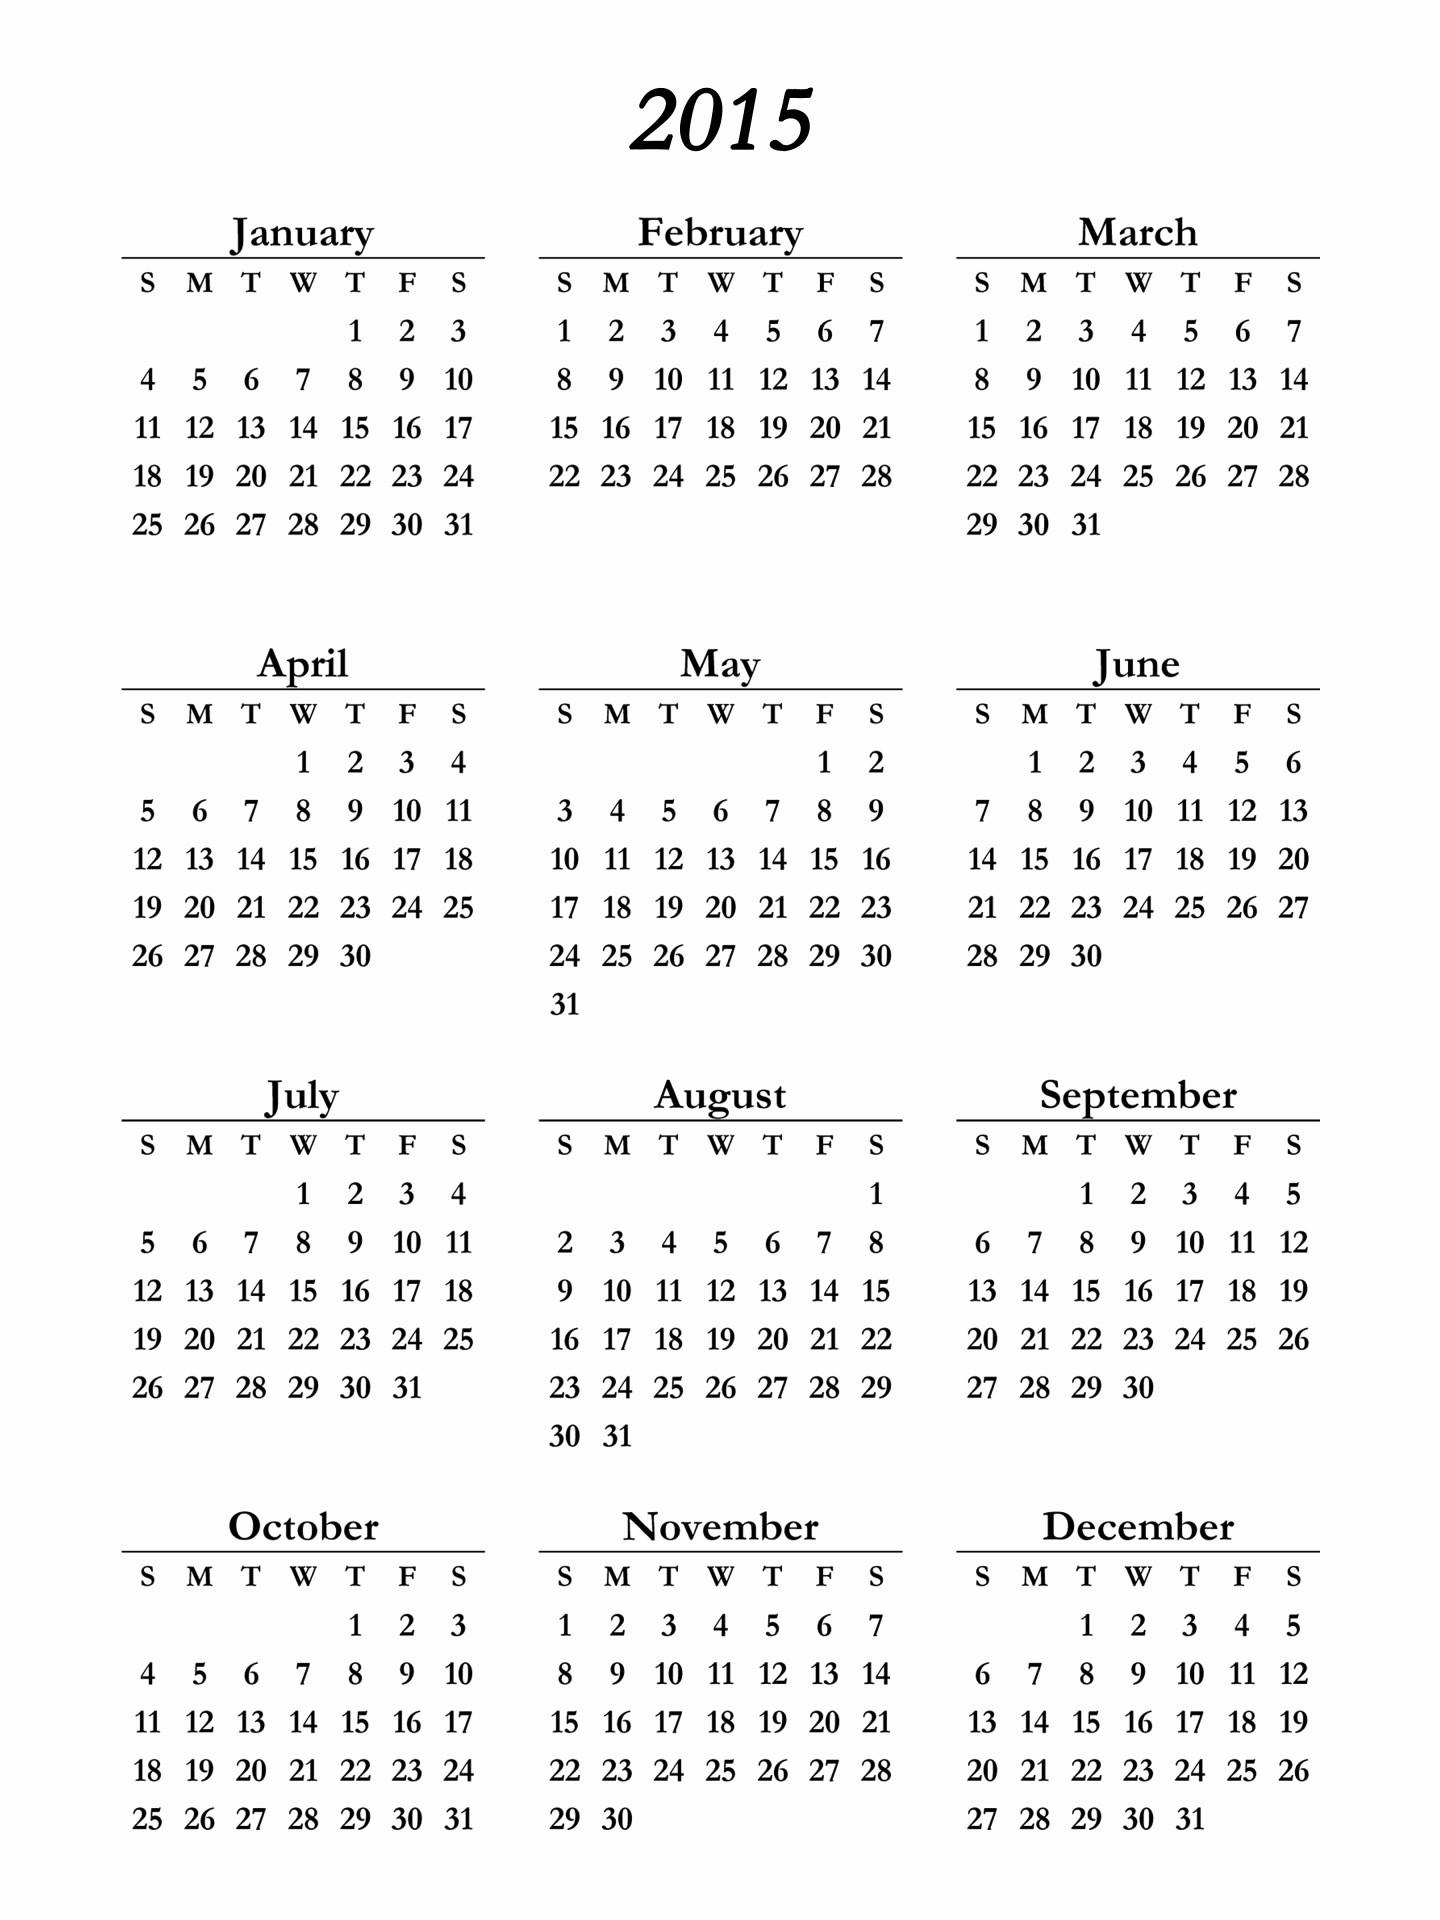 12 Months Calendar 2016 Printable Awesome Calendar Printable 12 Months